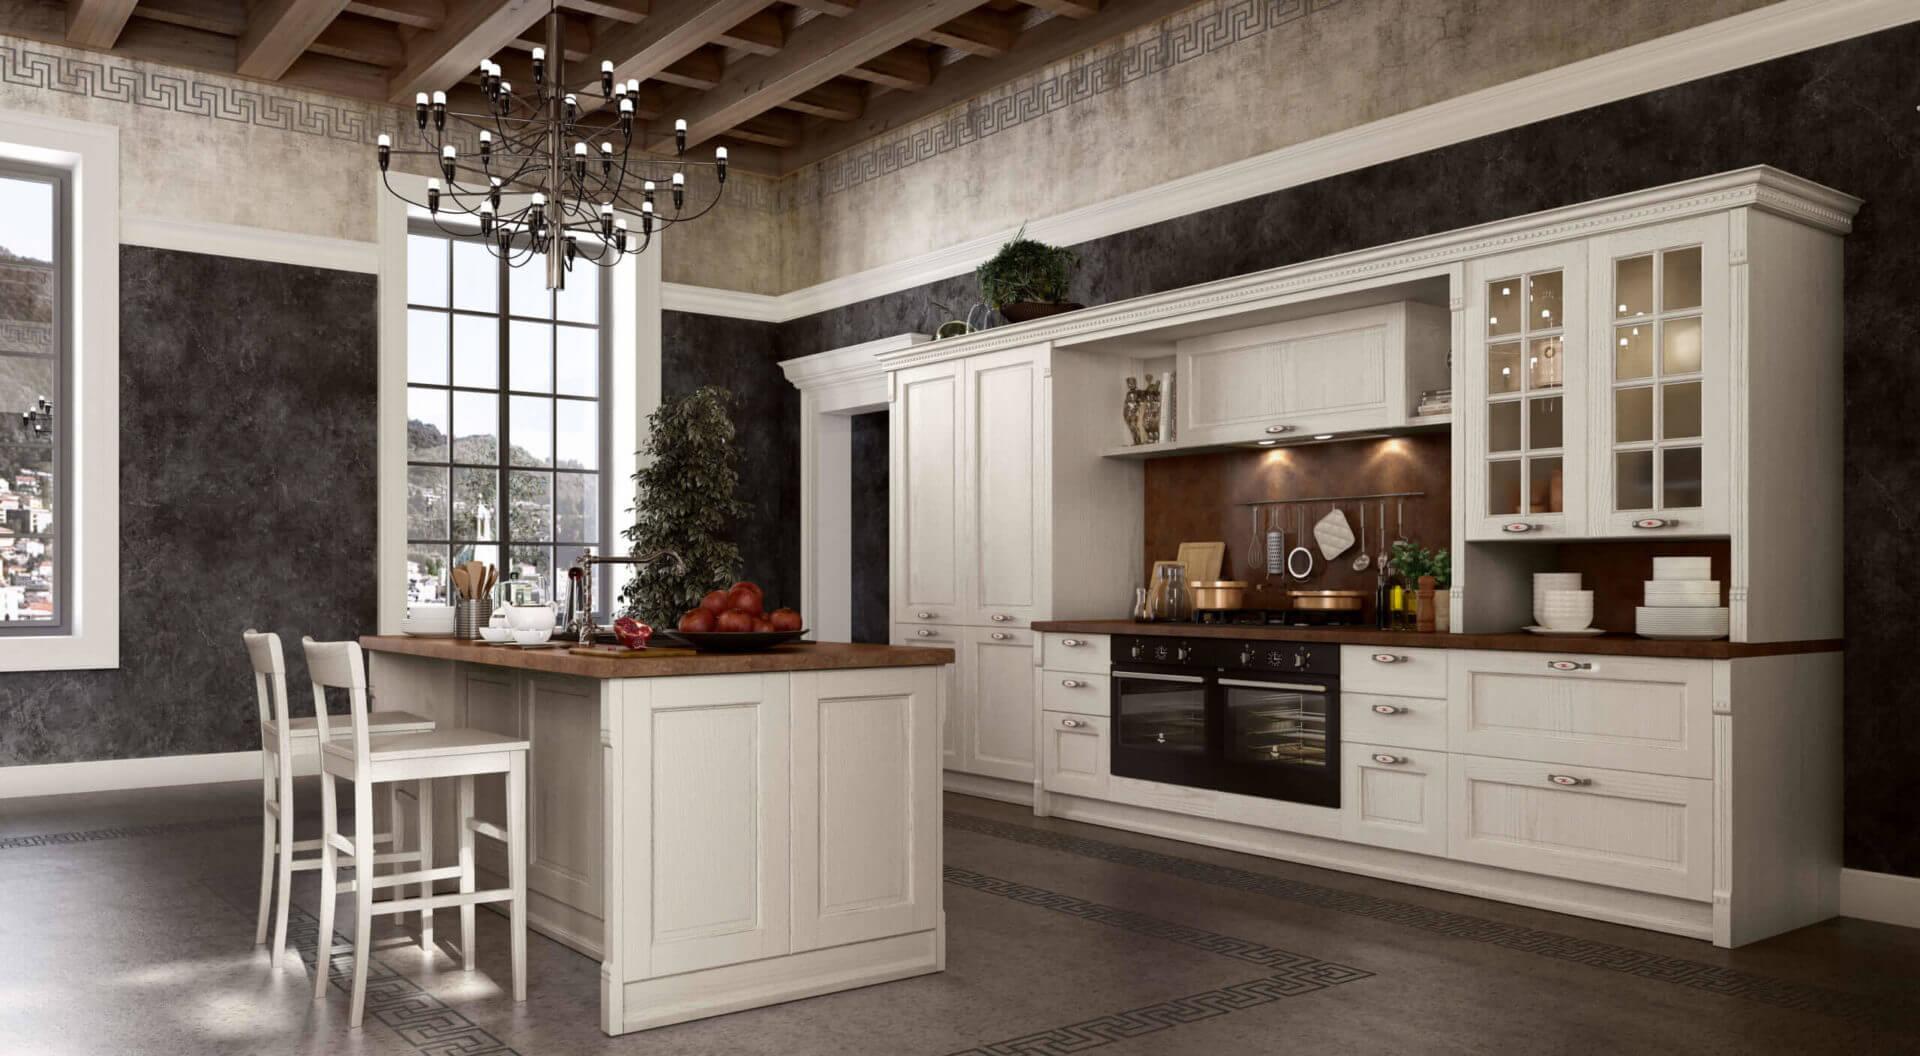 cucina rustica classica padova